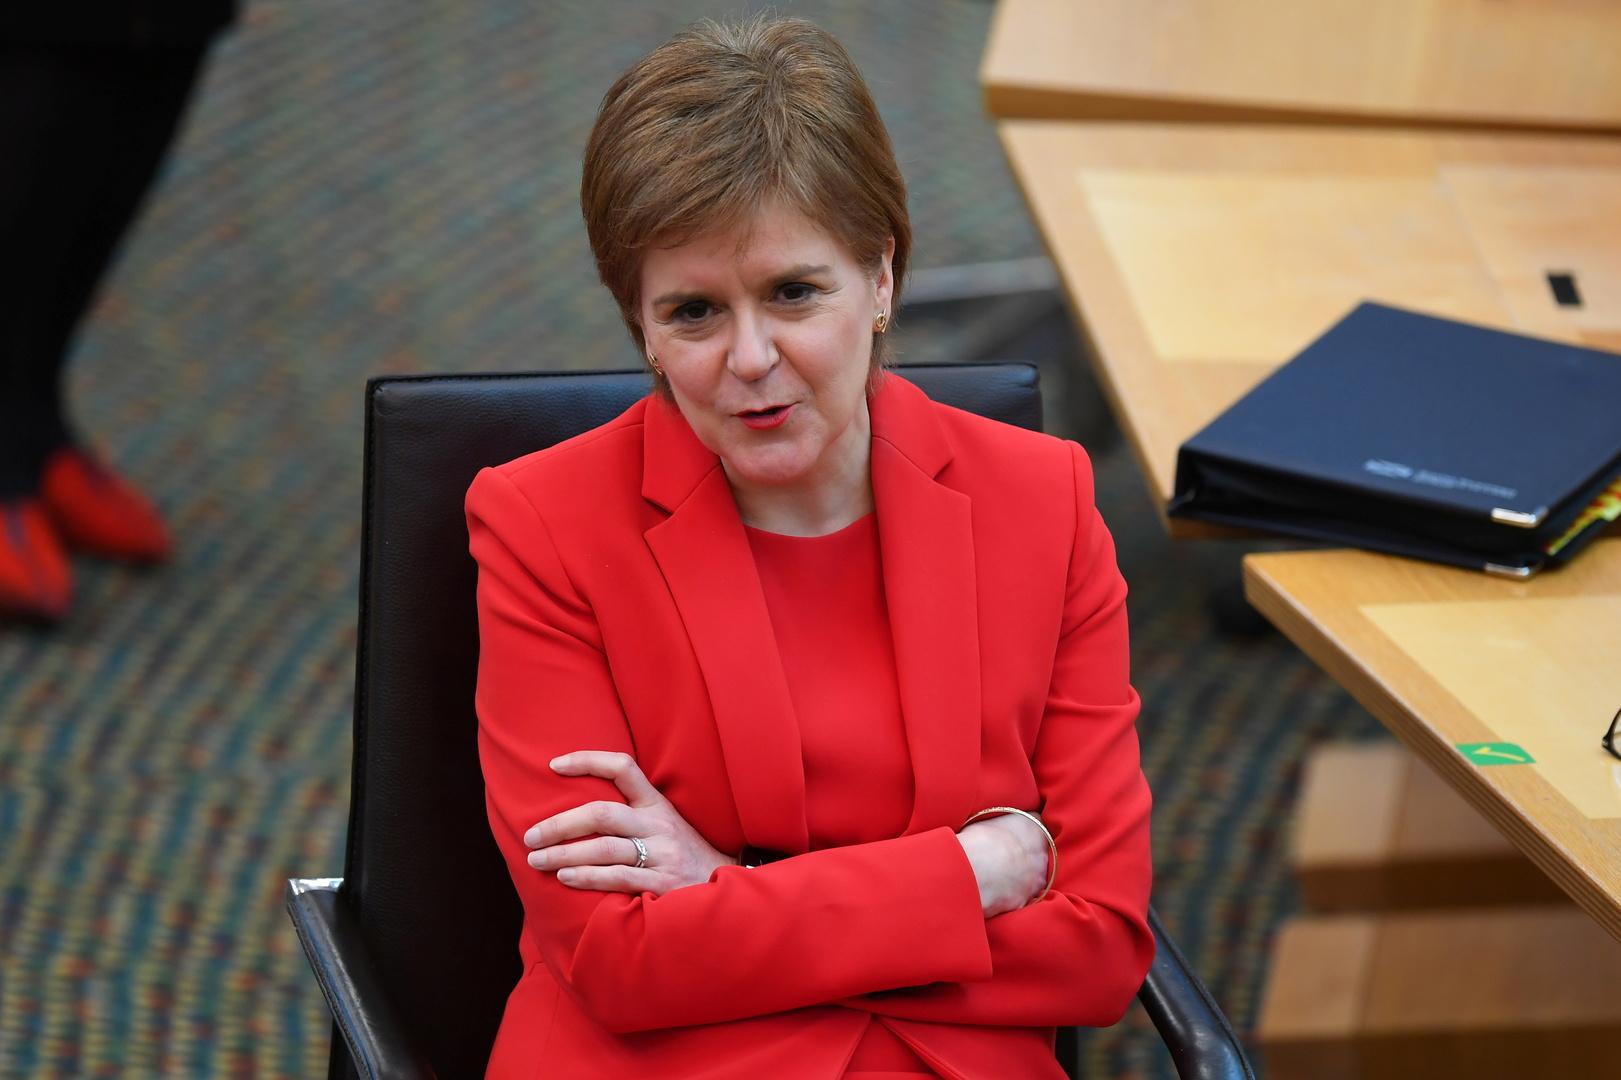 اسكتلندا.. زيادة بنسبة 4% على رواتب مقدمي الخدمات الصحية